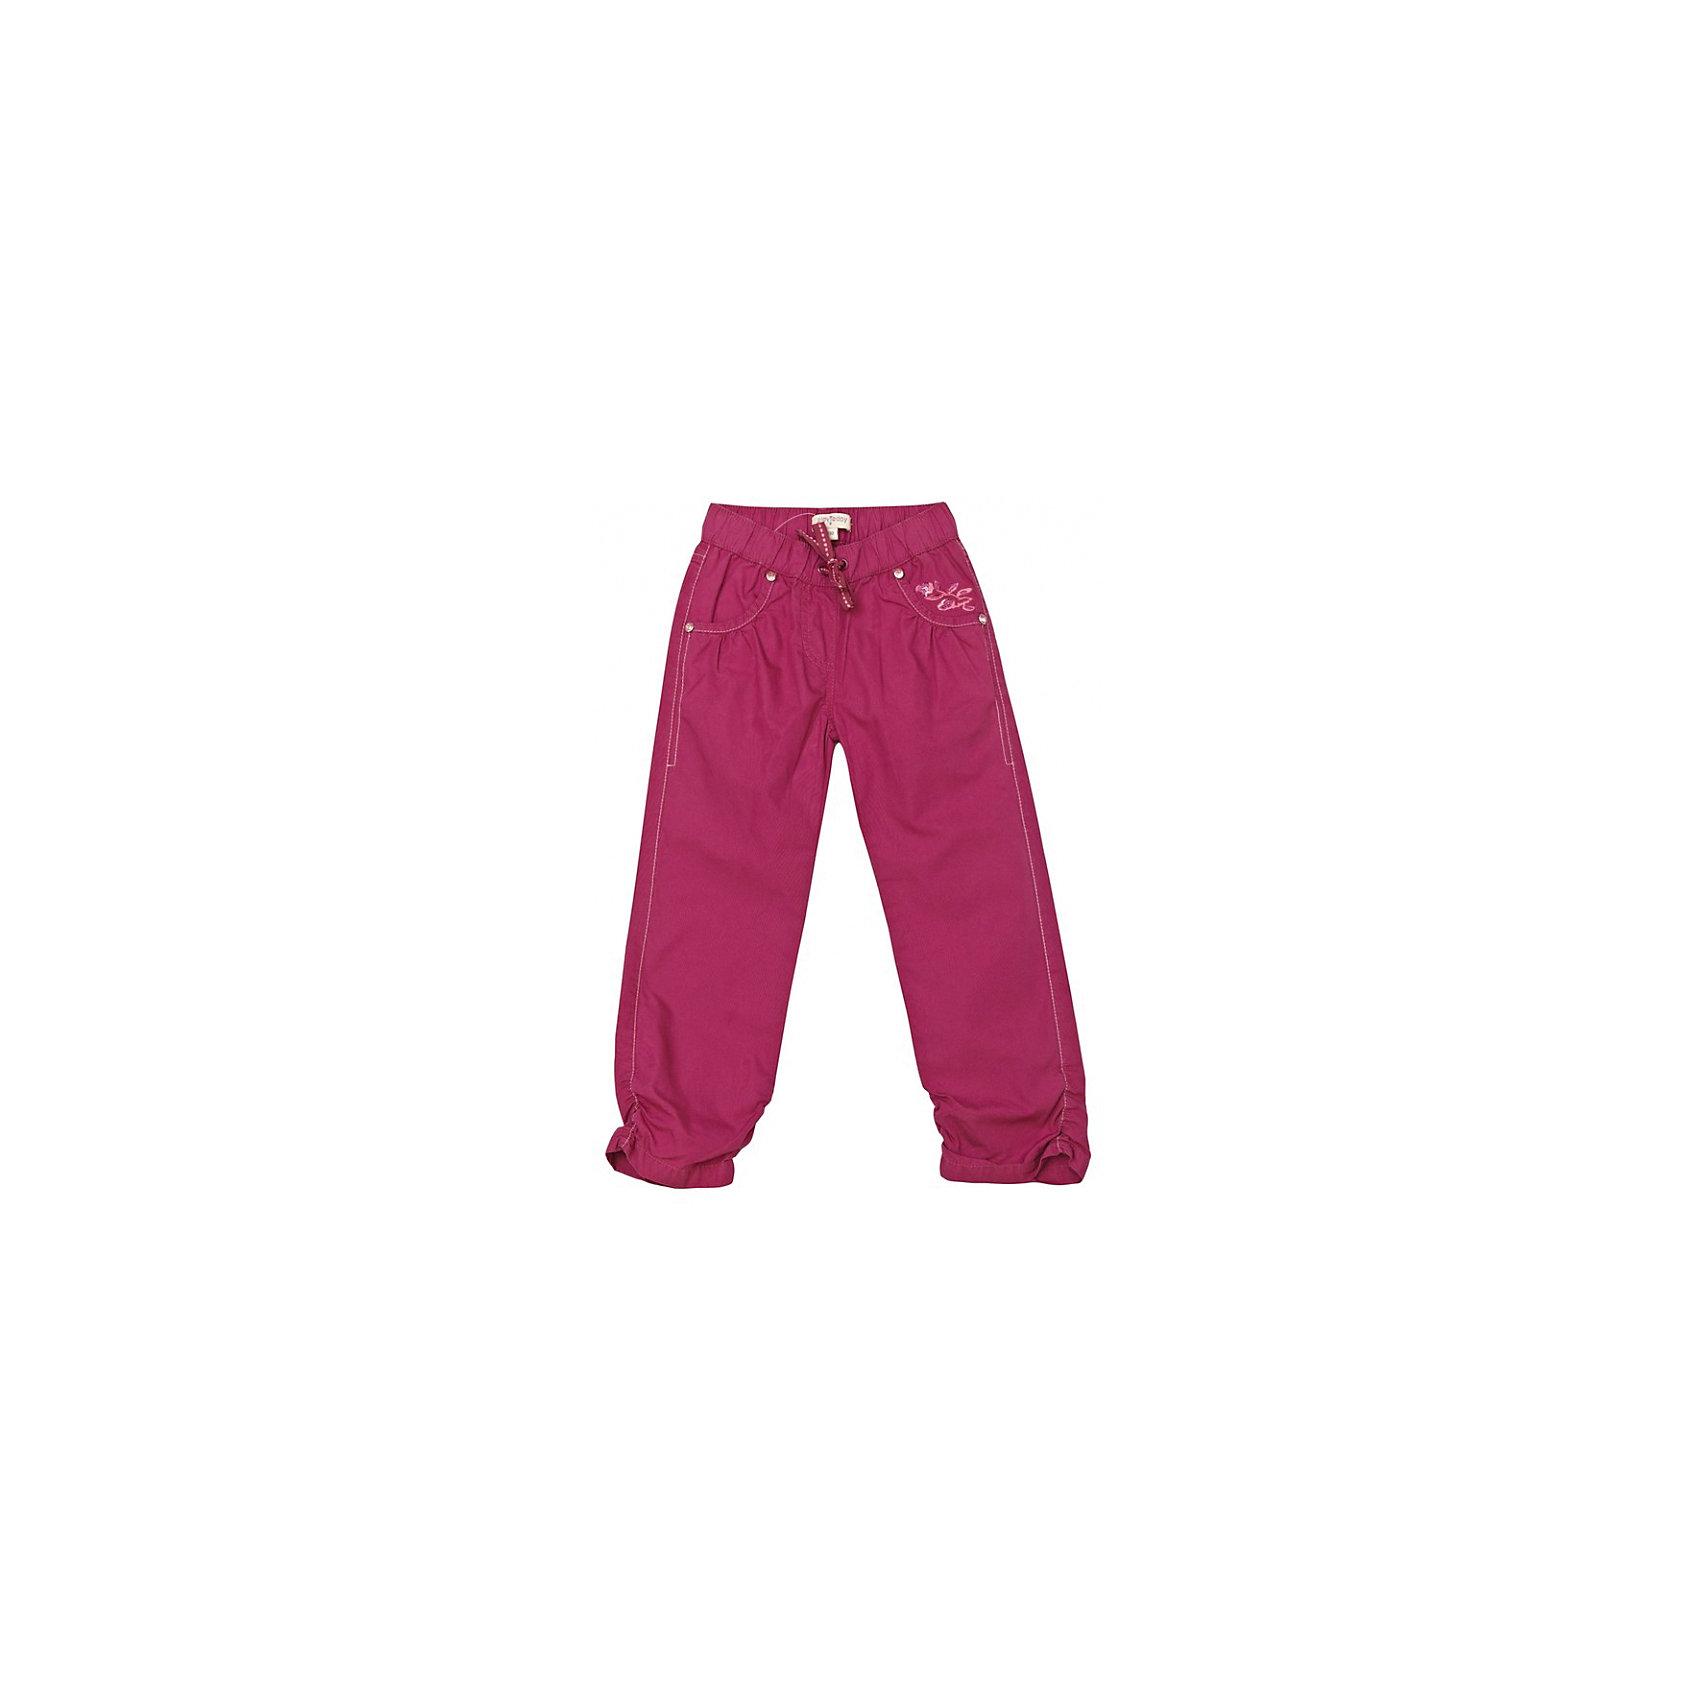 Брюки для девочки PlayTodayБрюки<br>Брюки для девочки от популярного бренда PlayToday.<br>*модные хлопковые брюки цвета фуксии <br>*пояс на резинке завязывается на шнурок<br>*четыре функциональных кармана<br>*на карманах заклепки – стразы<br>*вышивка<br>*по бокам штанины собраны на резинку <br>Состав:<br>100% хлопок<br><br>Ширина мм: 215<br>Глубина мм: 88<br>Высота мм: 191<br>Вес г: 336<br>Цвет: фуксия<br>Возраст от месяцев: 36<br>Возраст до месяцев: 48<br>Пол: Женский<br>Возраст: Детский<br>Размер: 104,122,110,98,116,128<br>SKU: 3100726